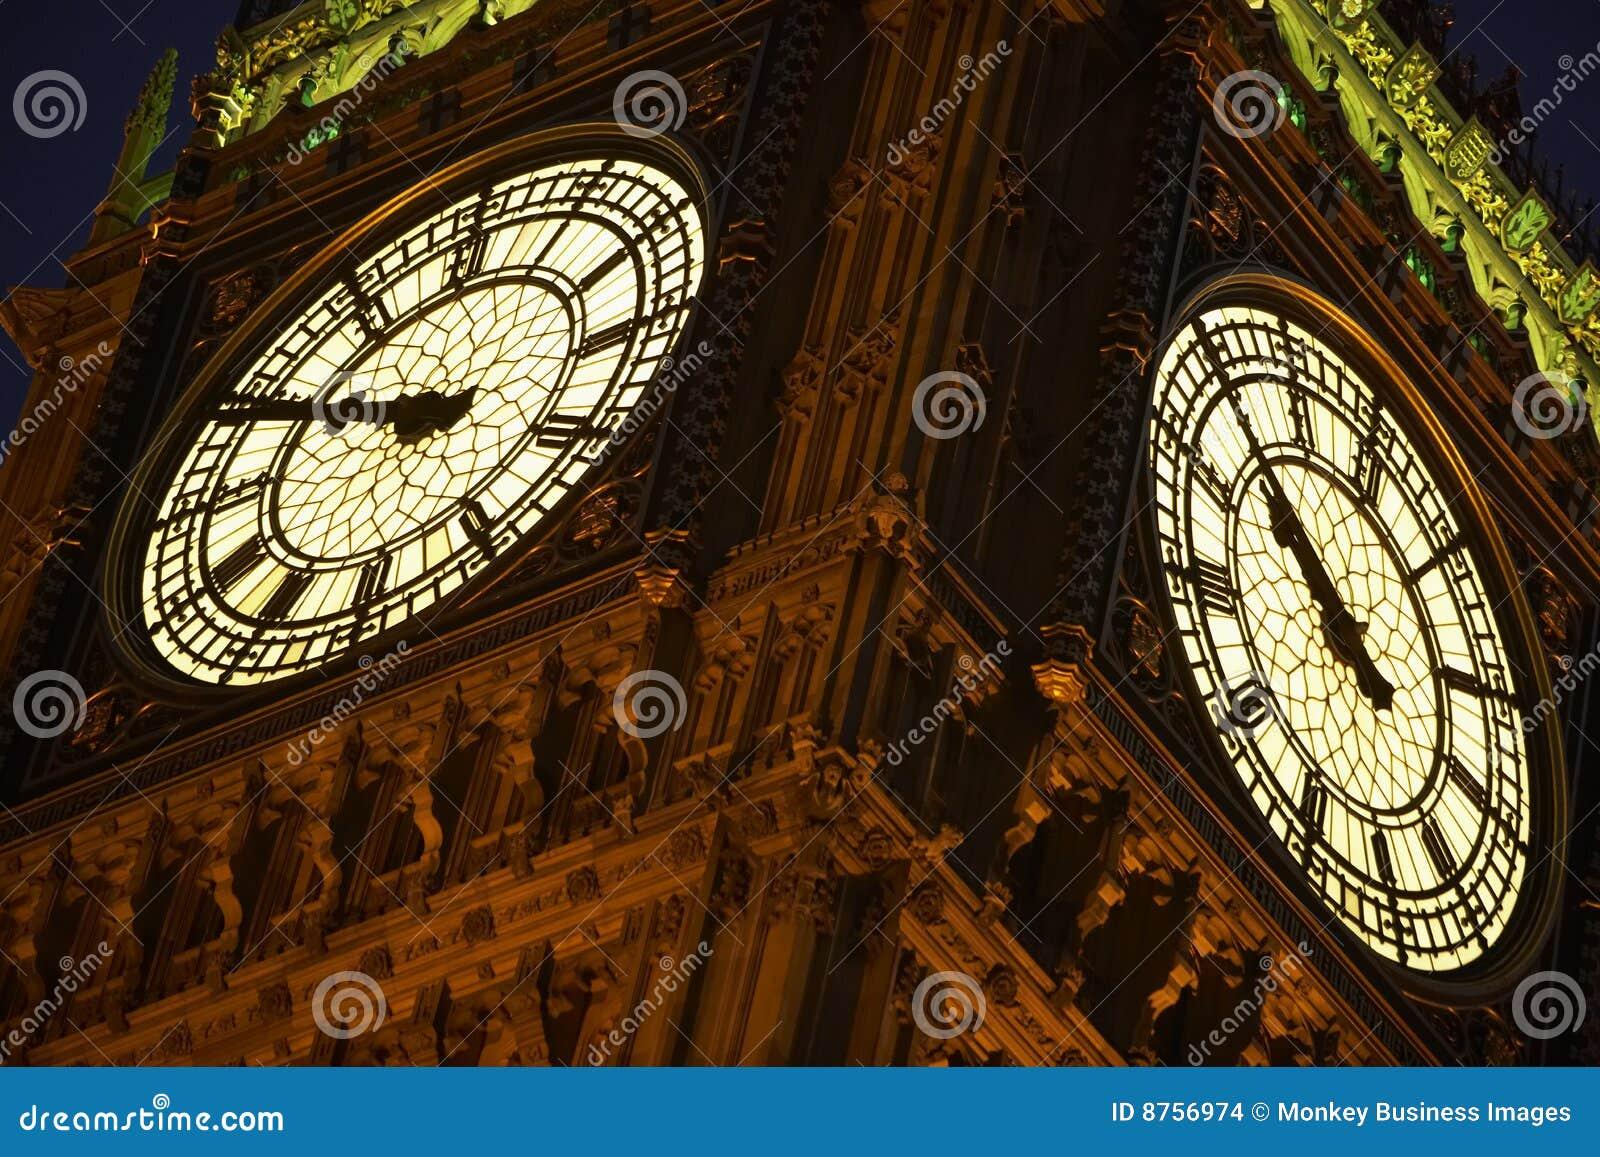 Big Ben belichtet nachts, London, England